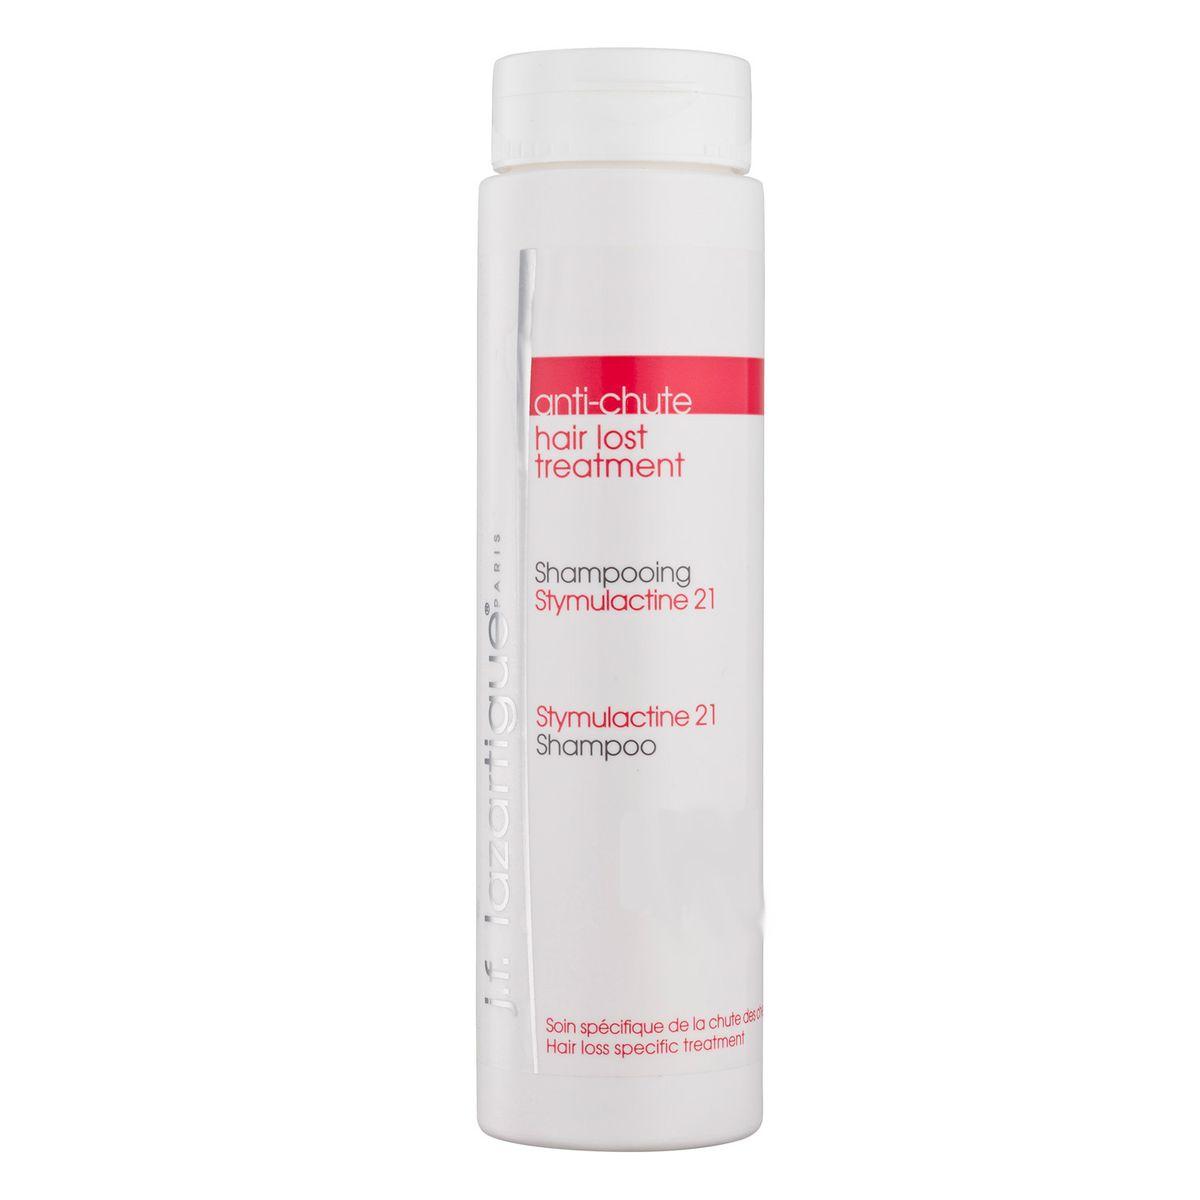 J.F.Lazartigue Шампунь от выпадения волос Стимулактин 21 200 мл01221Рекомендуется всем, кто периодически сталкивается с проблемой выпадения волос. Растительные гликопротеины шампуня восстанавливают дыхание клеток кожи головы, повышают жизнеспособность капилляров и волосяных луковиц. Микросферы из фосфолипидов с активными белковыми компонентами и аминокислотой таурином замедляют выпадение волос, стимулируют их рост. Силанолы (эссенциальный фактор активности клеток кожи головы и корней волос) препятствуют старению кожи, улучшают плотность и структуру волос. Шампунь также содержит противовоспалительные ингредиенты и антиоксиданты, которые способствуют оживлению и укреплению волос.